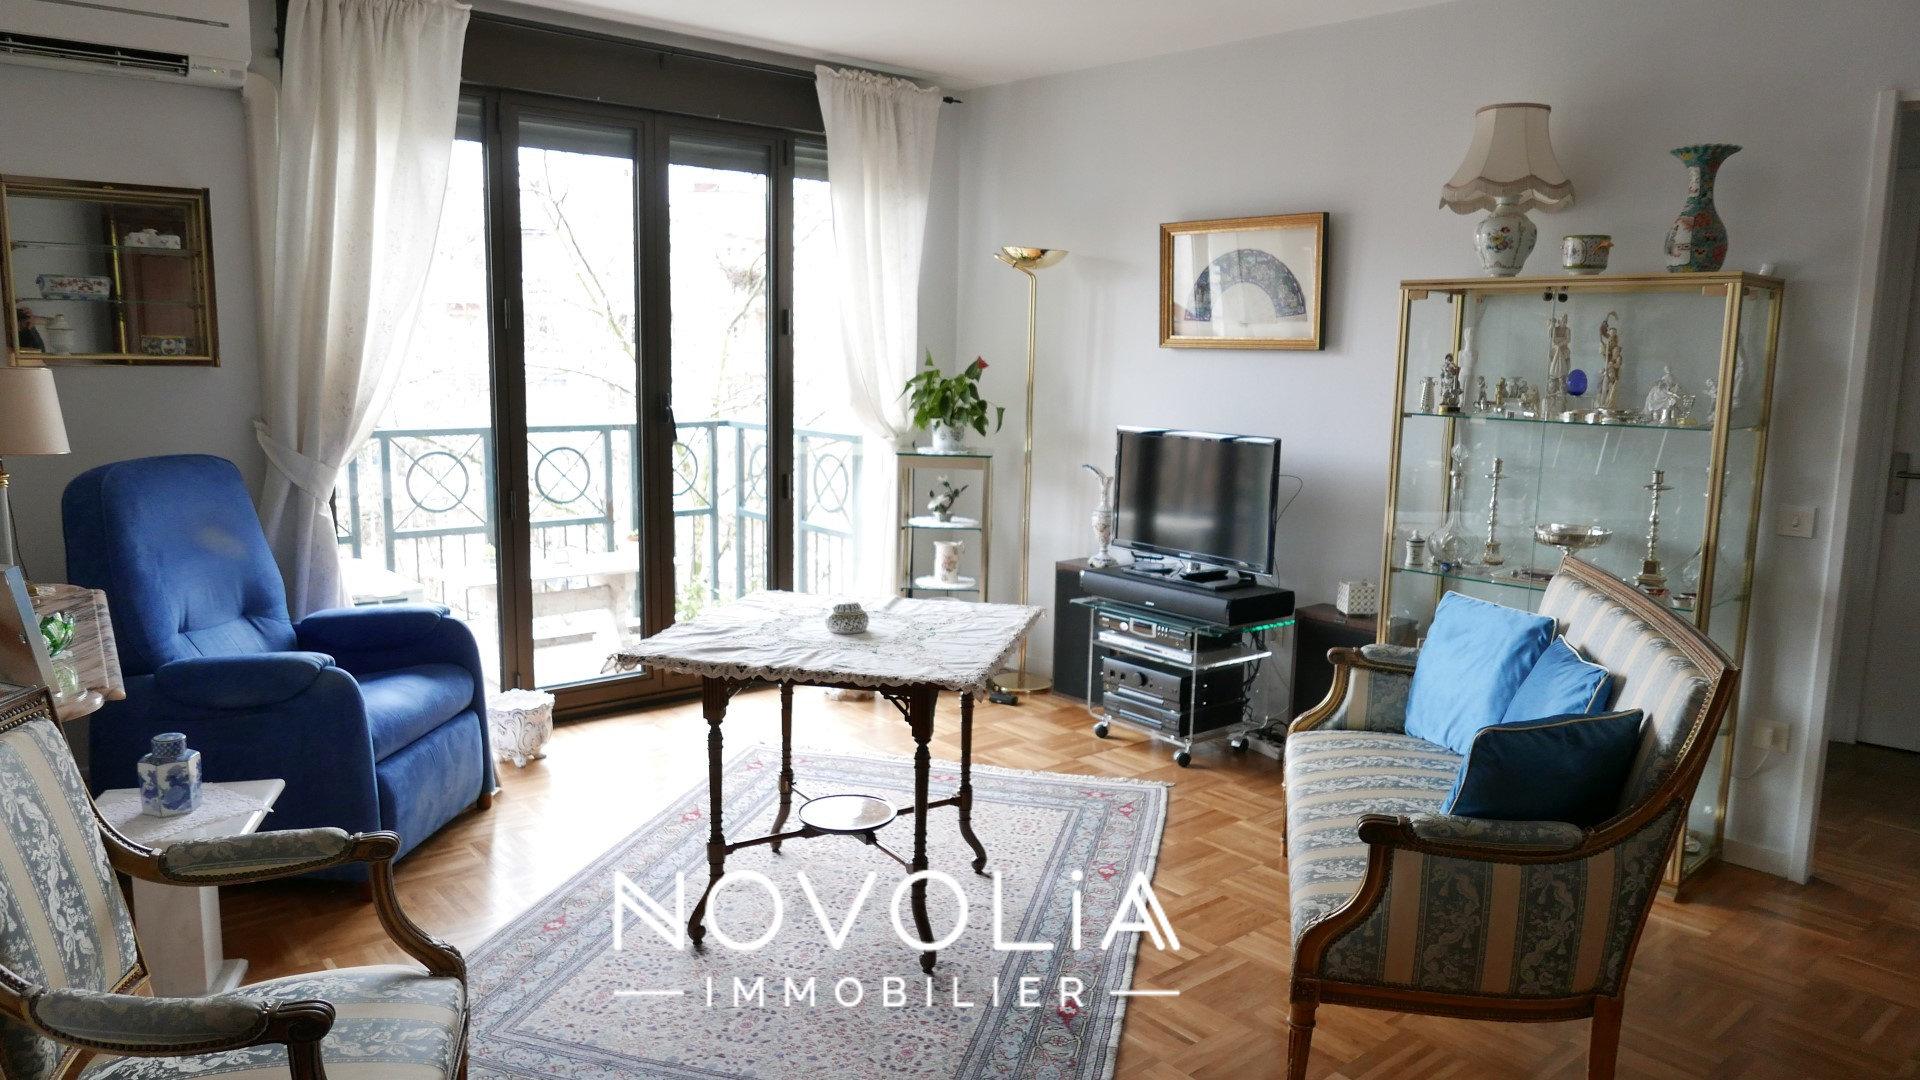 Achat Appartement Surface de 83.89 m², 3 pièces, Lyon 7ème (69007)